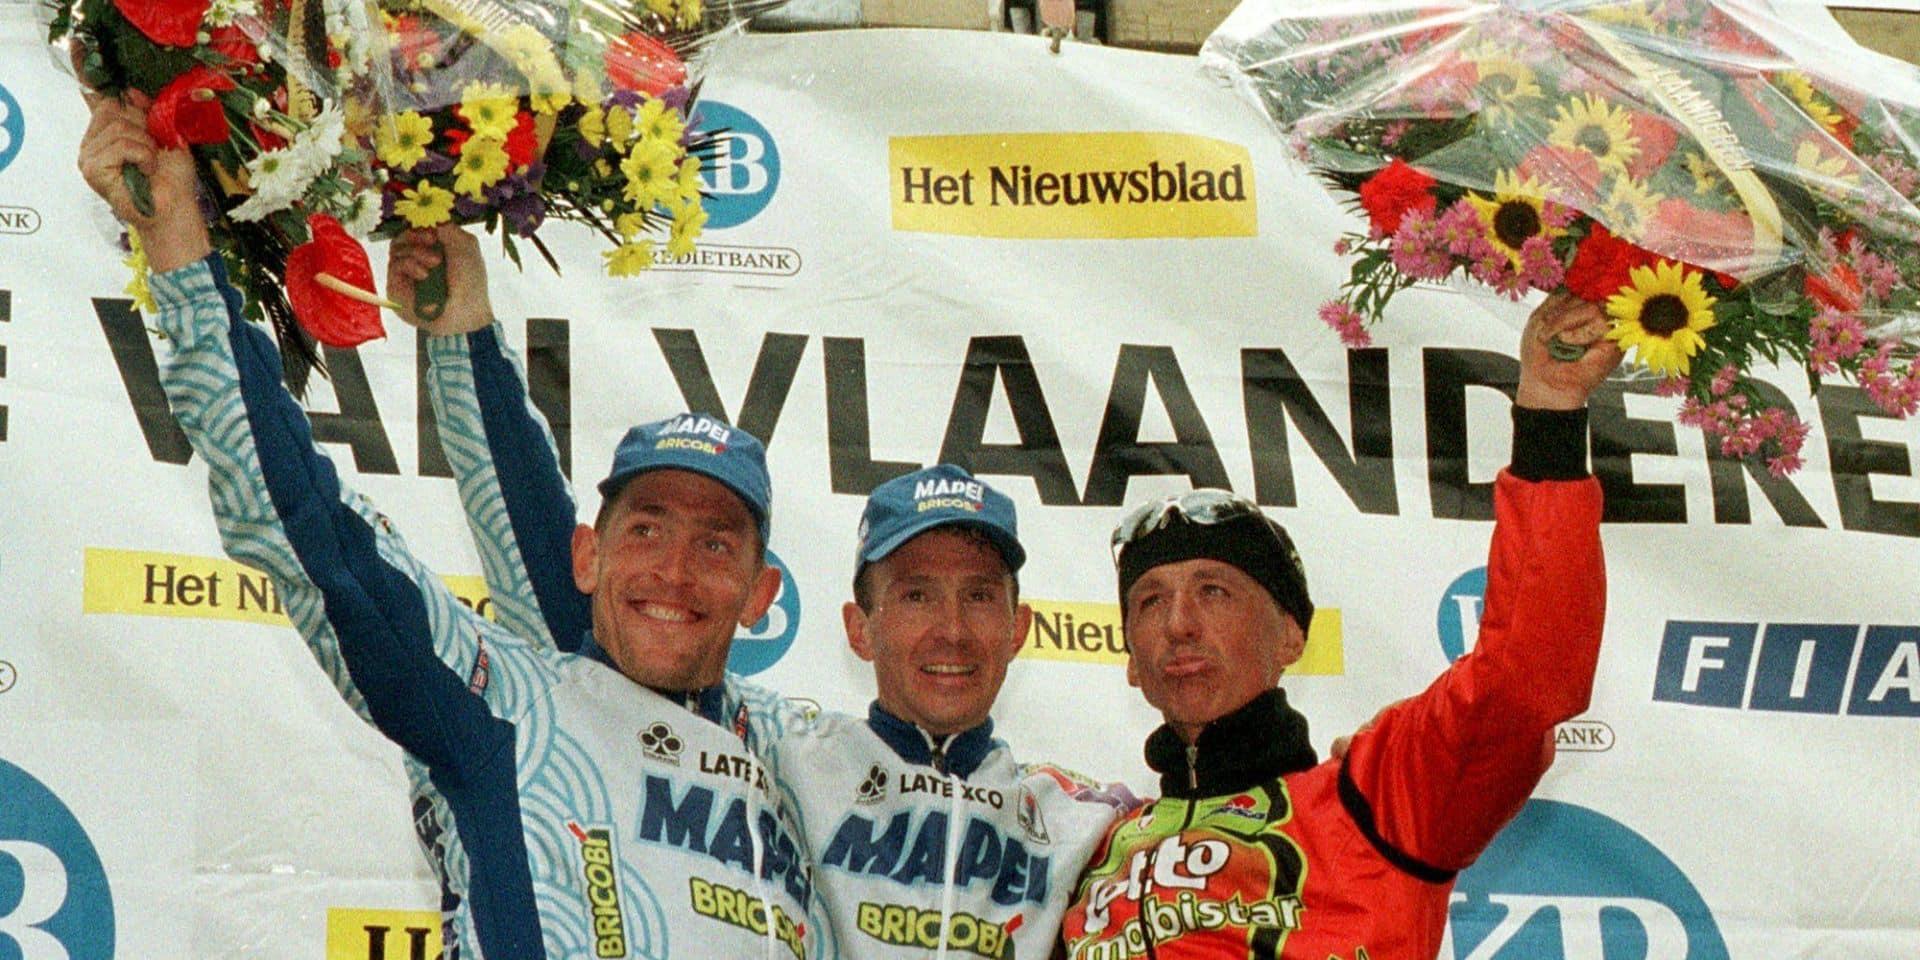 """Les classiques dans le rétro, le 3e Ronde de Johan Museeuw: """"Au sommet de ma carrière"""""""